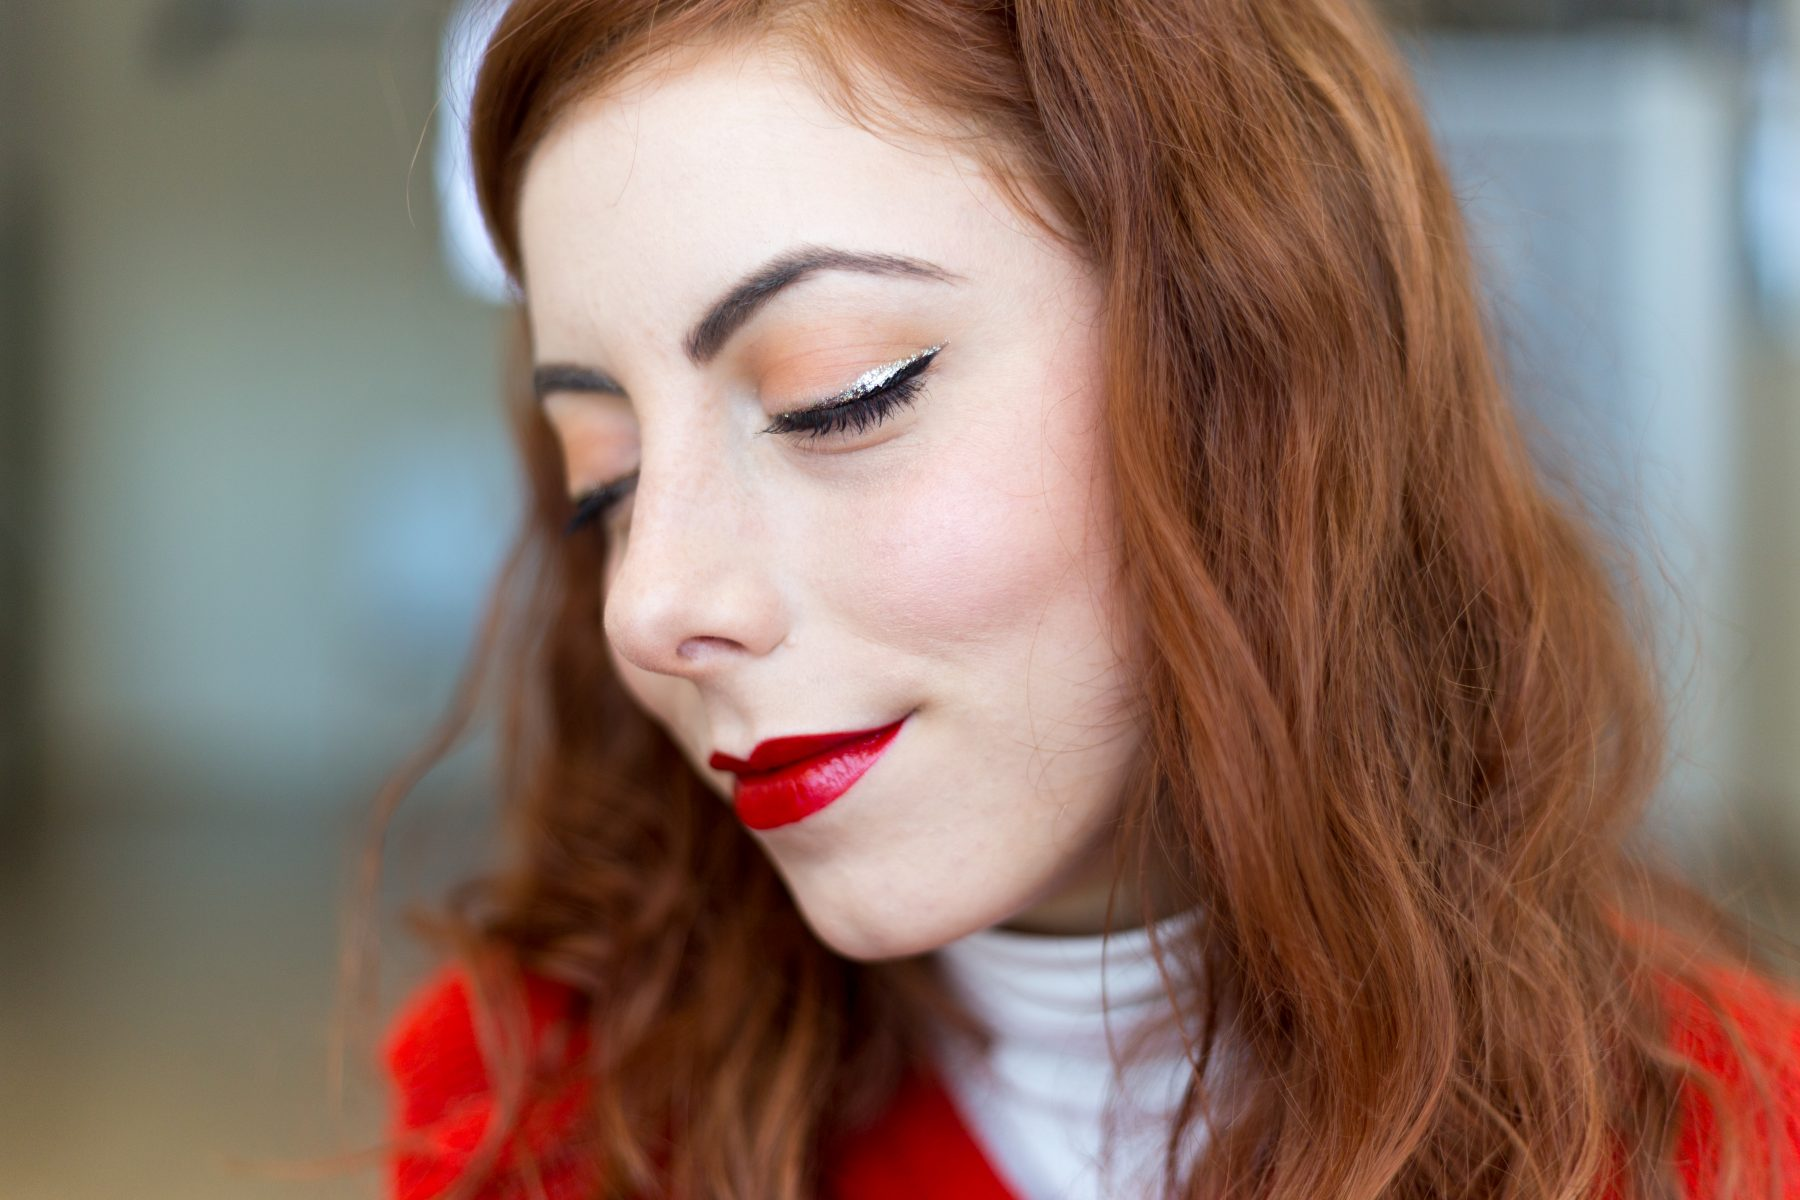 come reagisce la tinta rossa sui capelli biondi dopo vari lavaggi